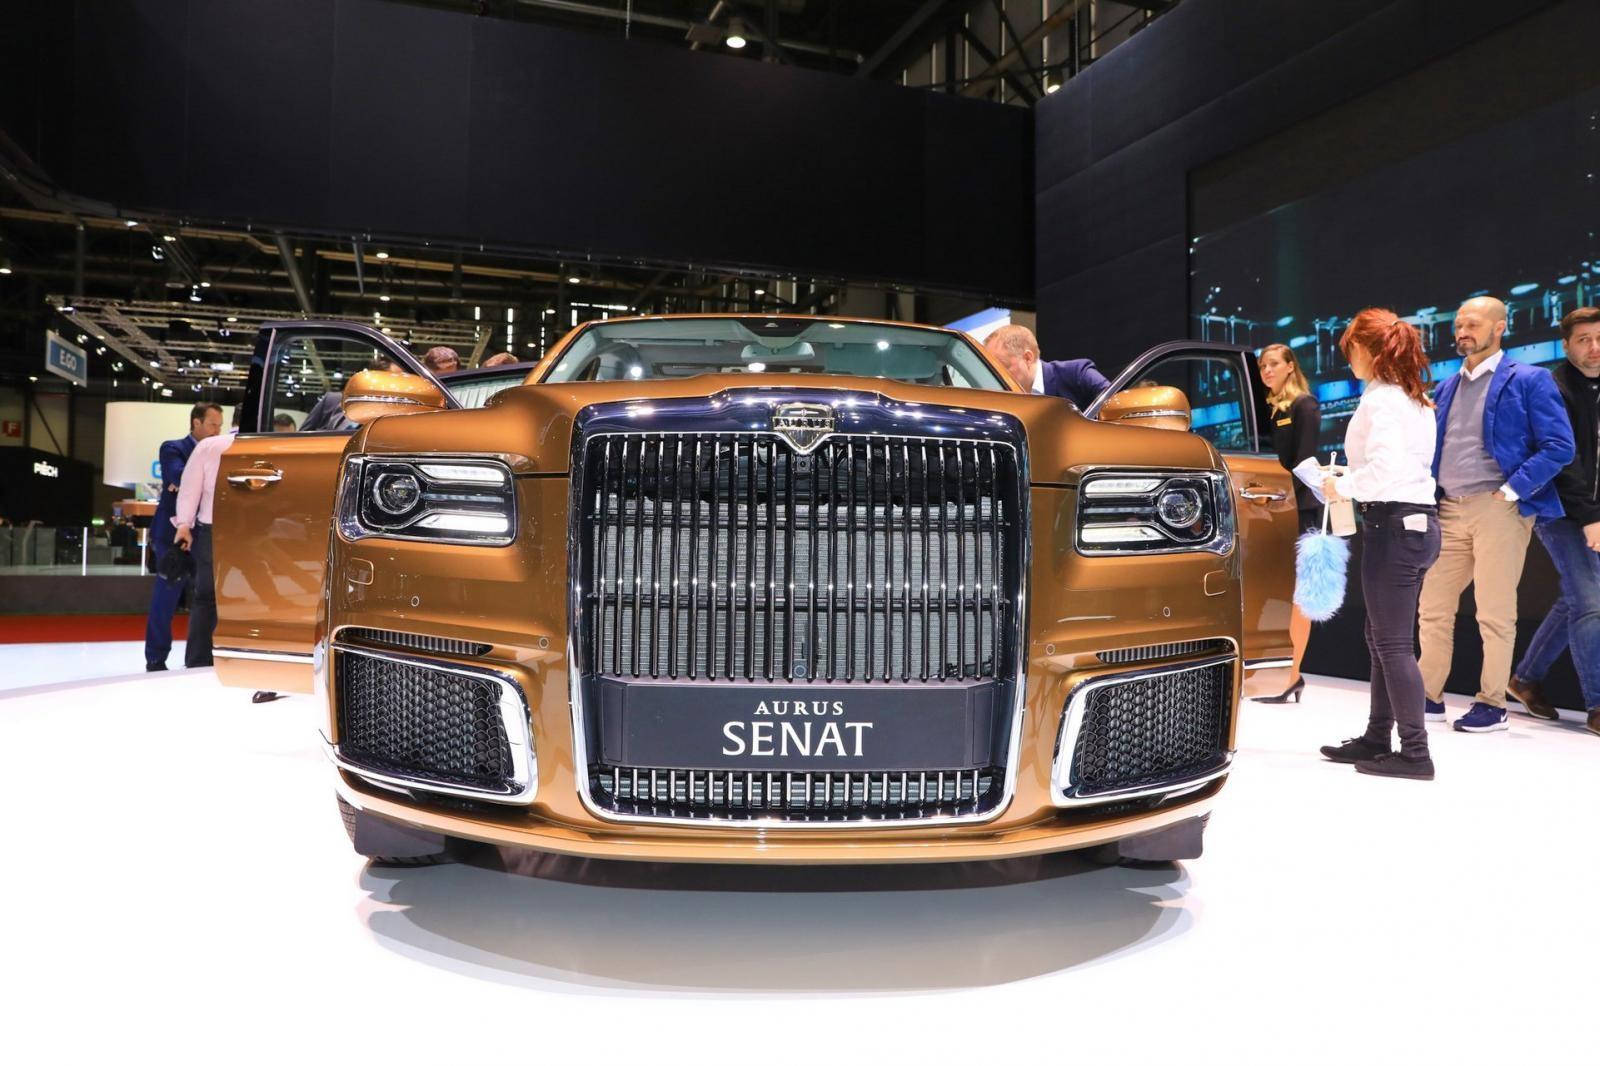 Lưới tản nhiệt của Aurus Senat khá giống Rolls-Royce